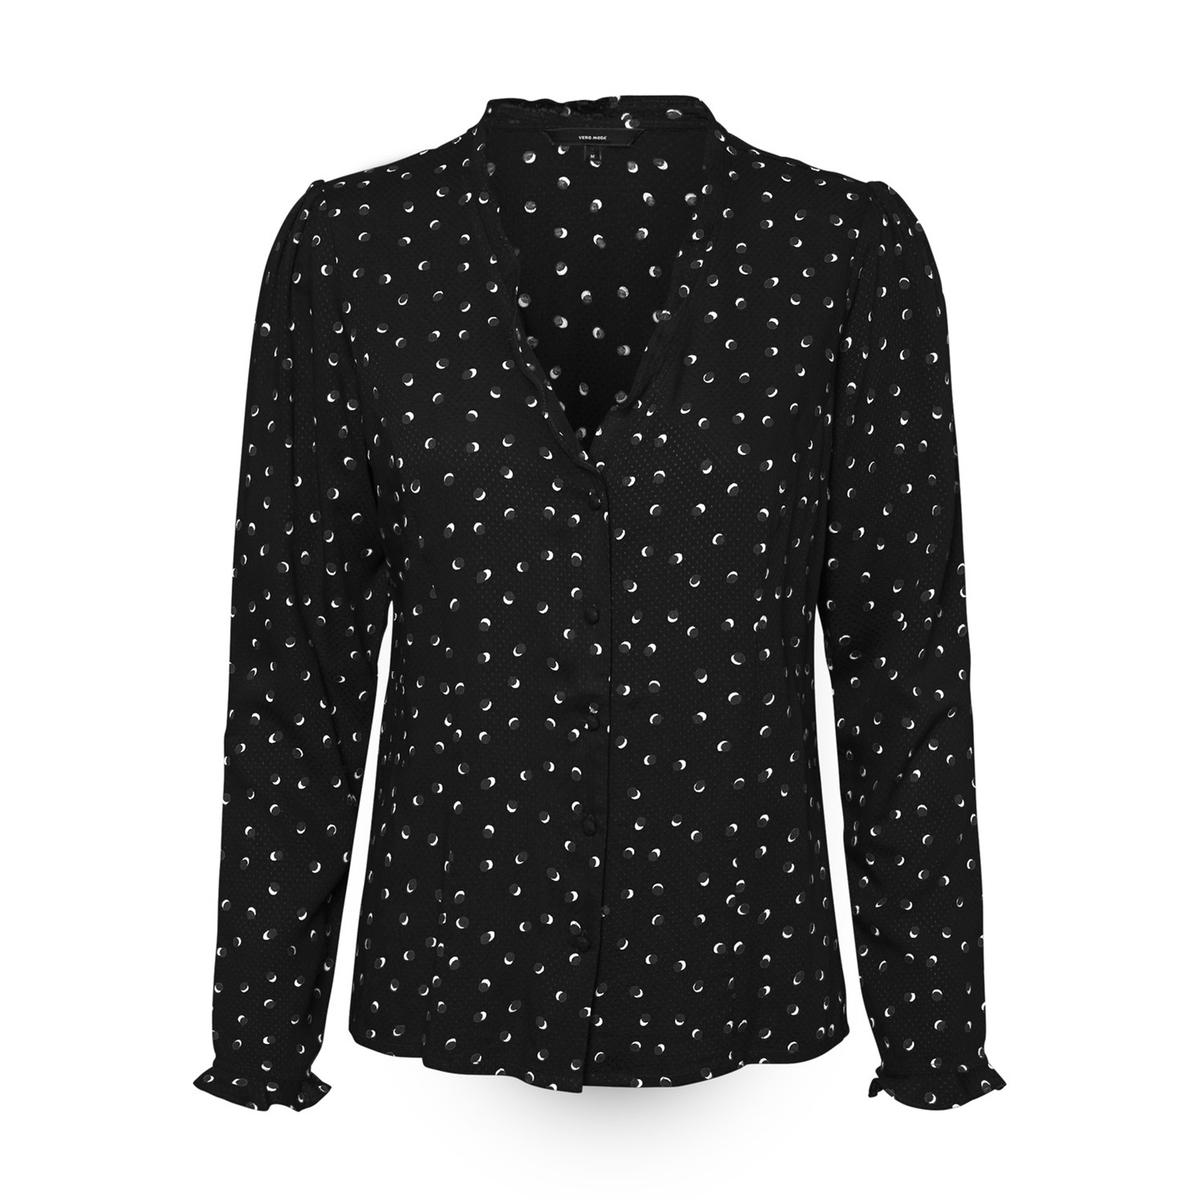 цена на Блузка La Redoute С графическим принтом V-образный вырез с длинными рукавами XS черный